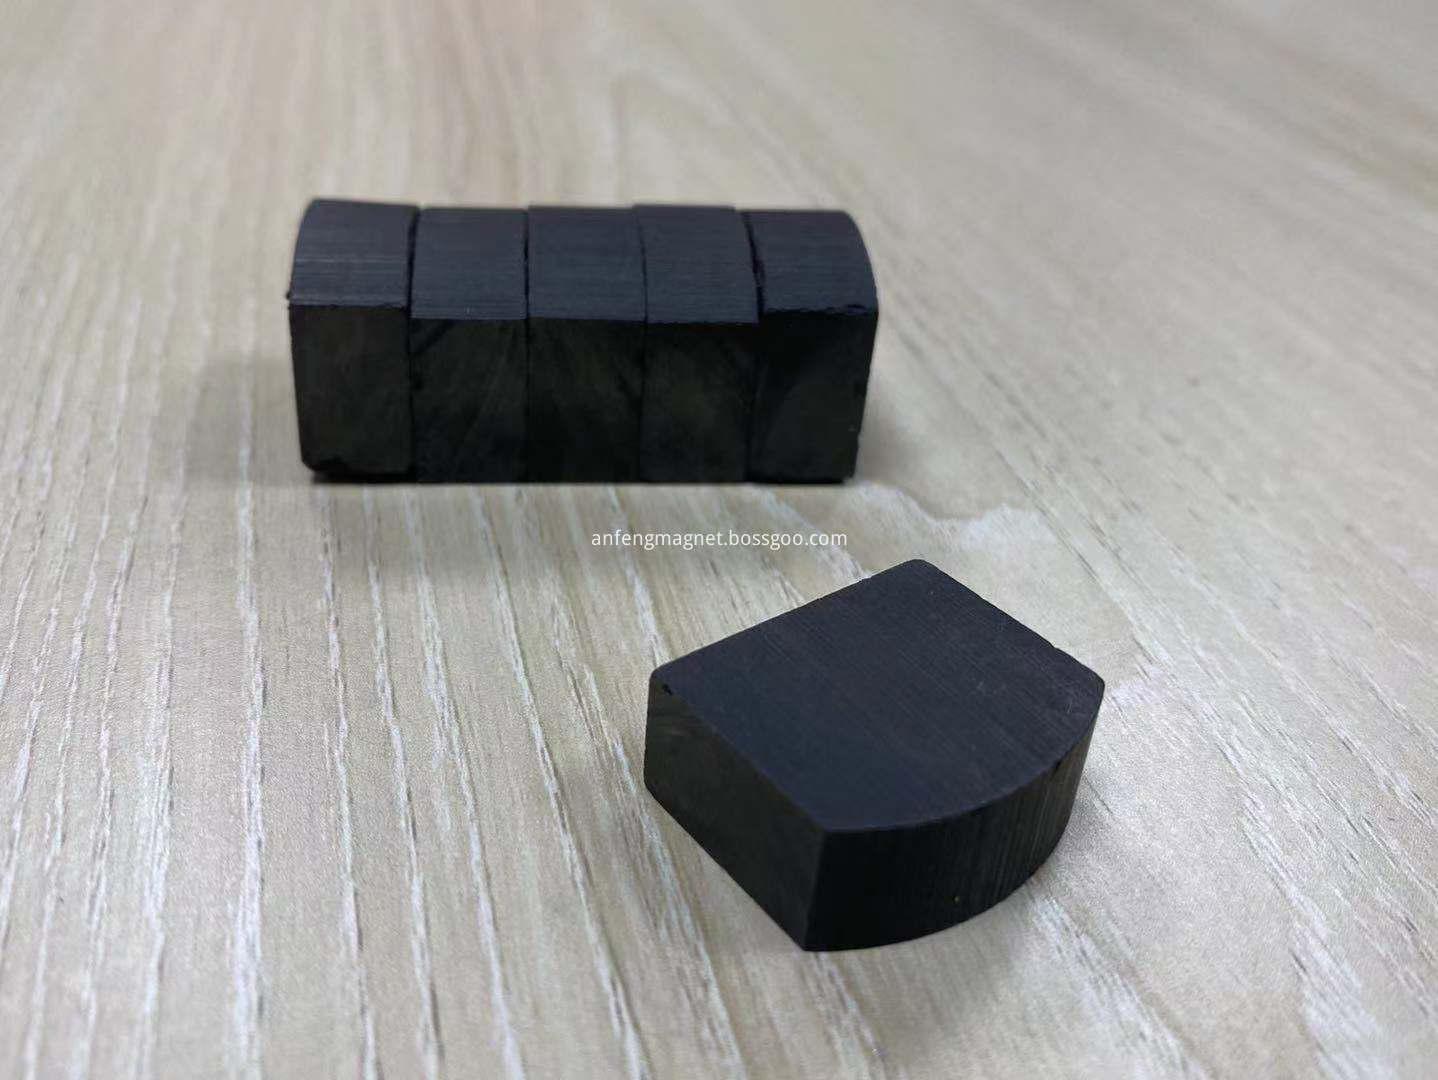 Ceamic Ferrite Magnets